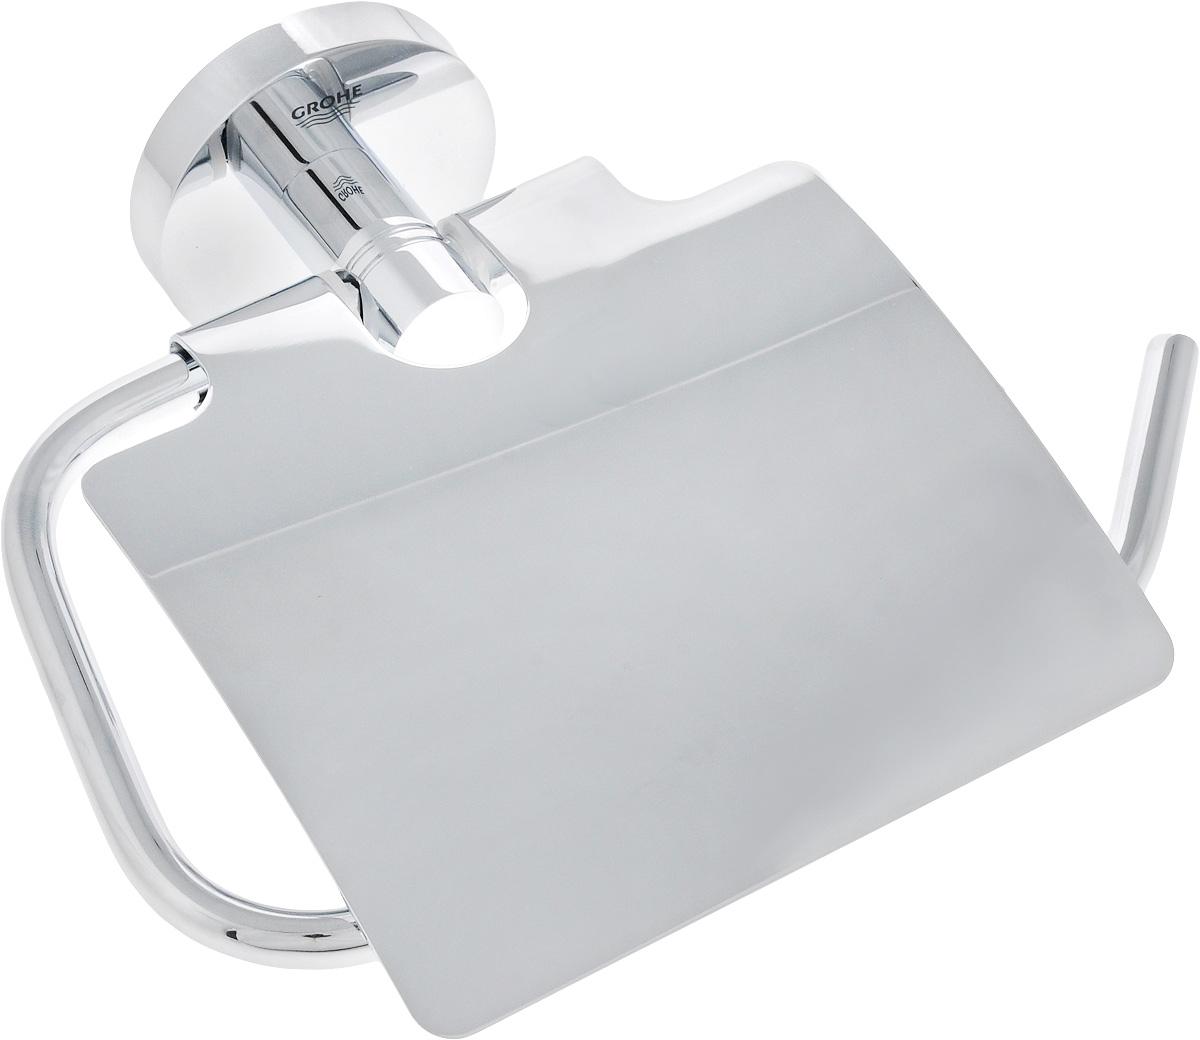 Держатель для туалетной бумаги Grohe Essentials, с крышкой, 16,5 х 5,5 х 14 см. 4036700140367001Держатель для туалетной бумаги с крышкой Grohe Essentials New выполнен из высококачественного металла. Благодаря строгому и лаконичному дизайну, а также ослепительному хромированному покрытию StarLight он будет великолепно смотреться в интерьере вашей ванной комнаты долгие годы. Изделие крепится к стене при помощи шурупов (входит в комплект).